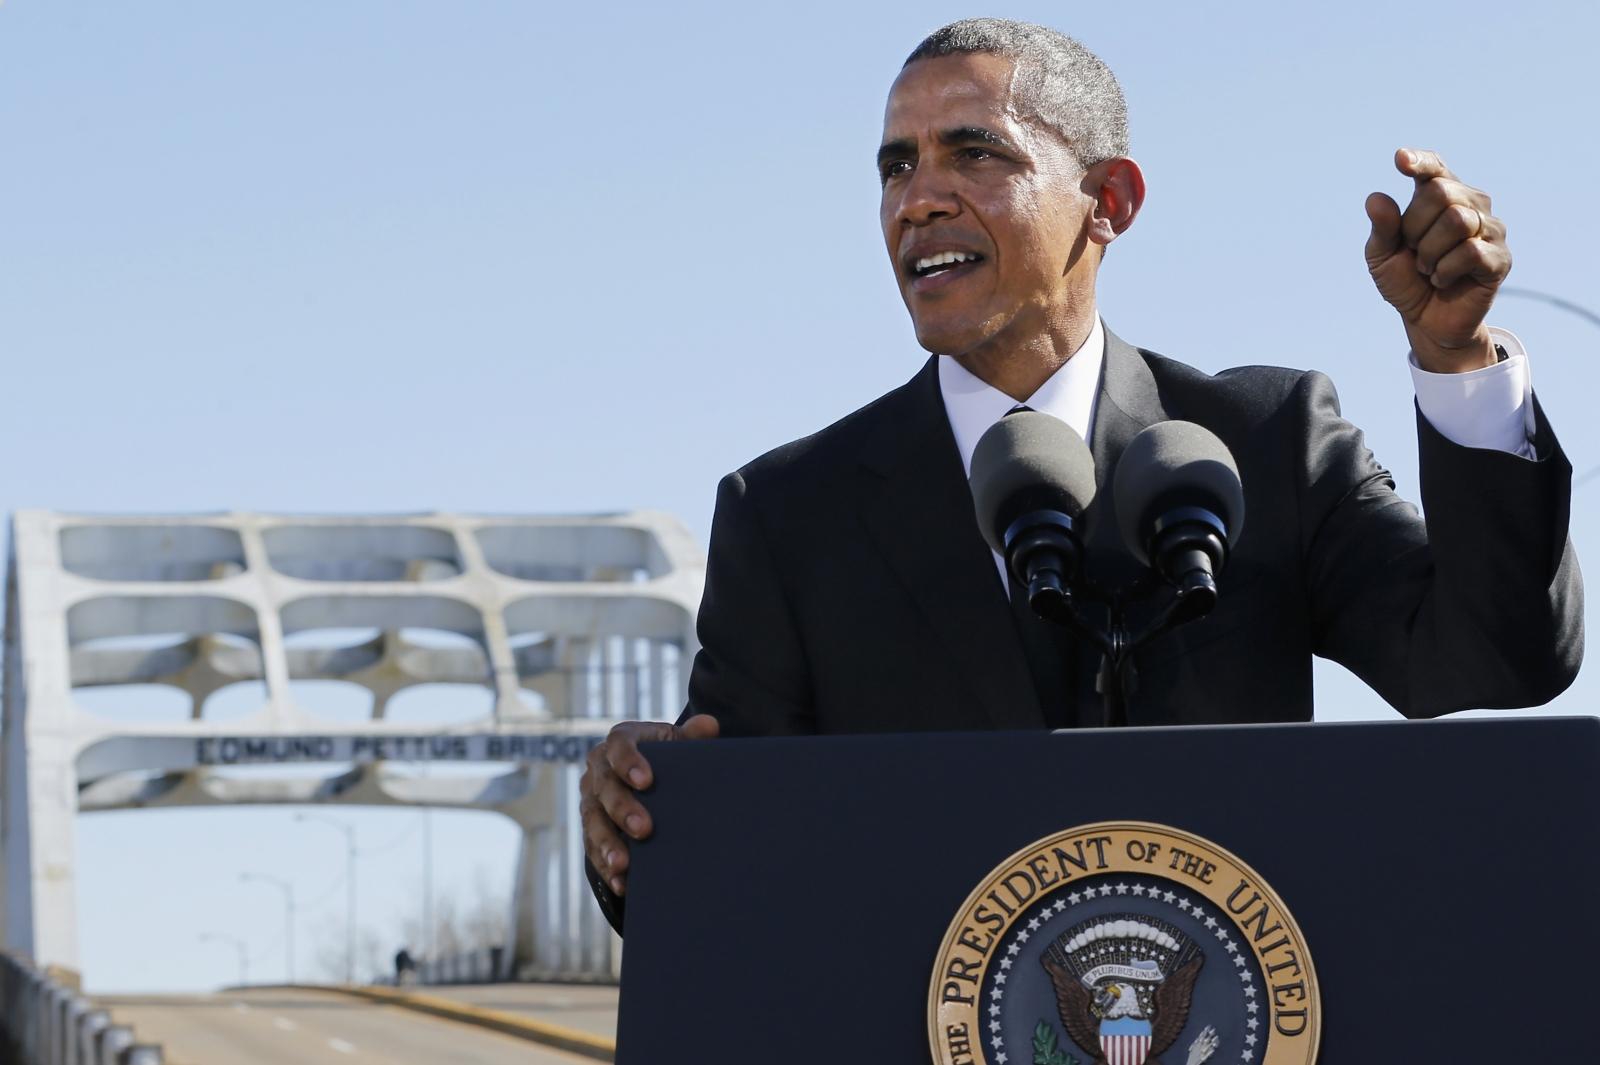 Barack Obama gives speech at Selma